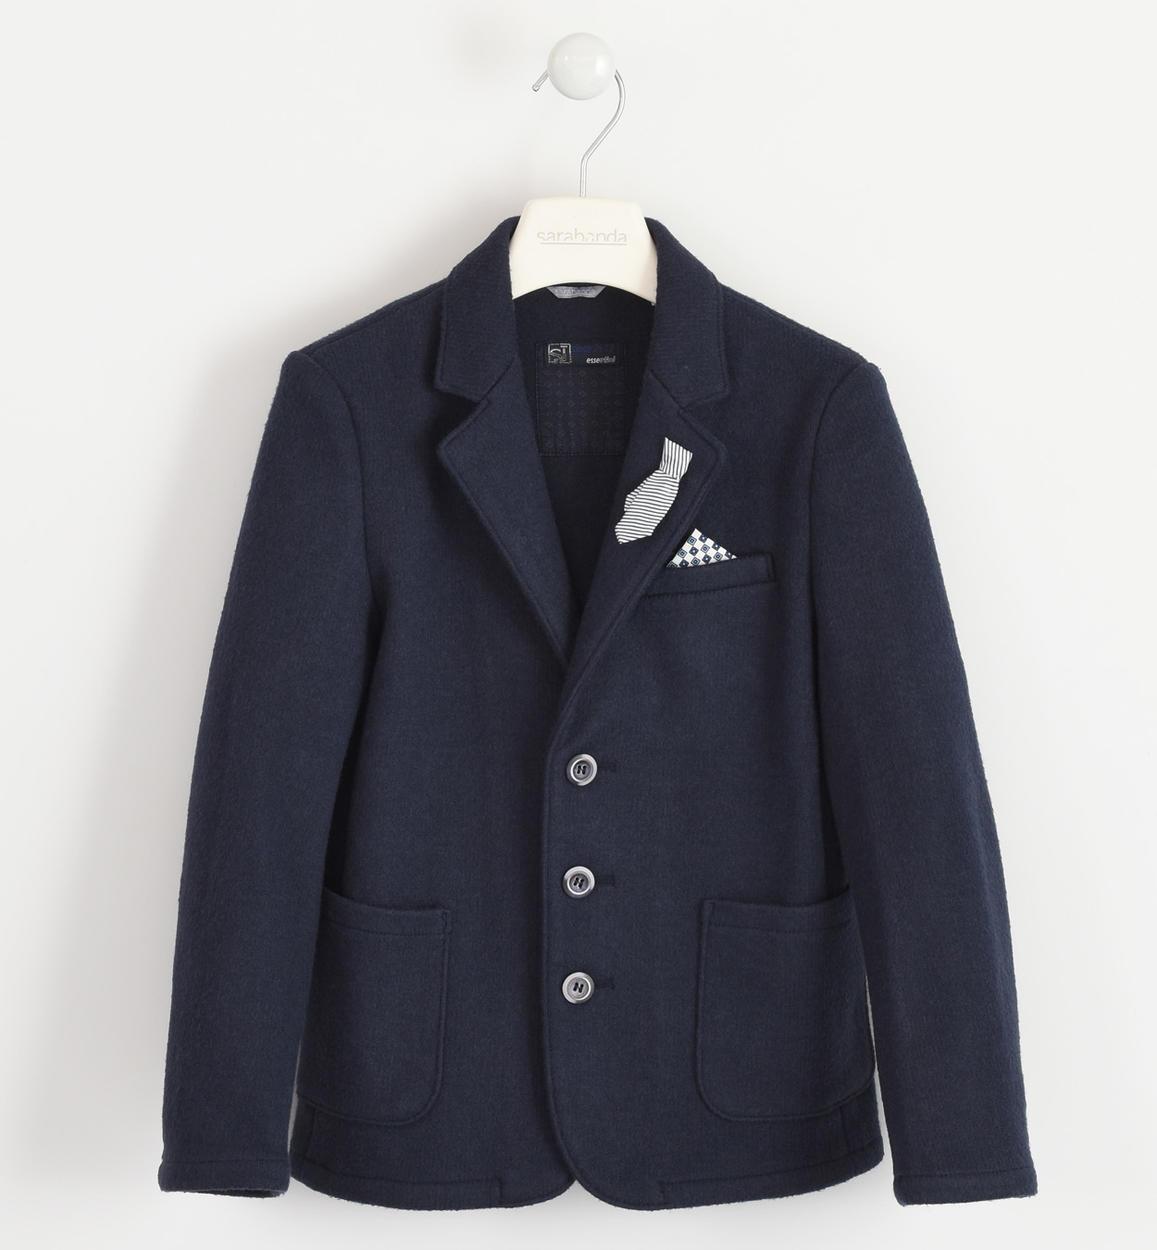 più economico 38f19 f12a7 Elegante giacca effetto lana cotta per bambino da 6 a 16 anni Sarabanda